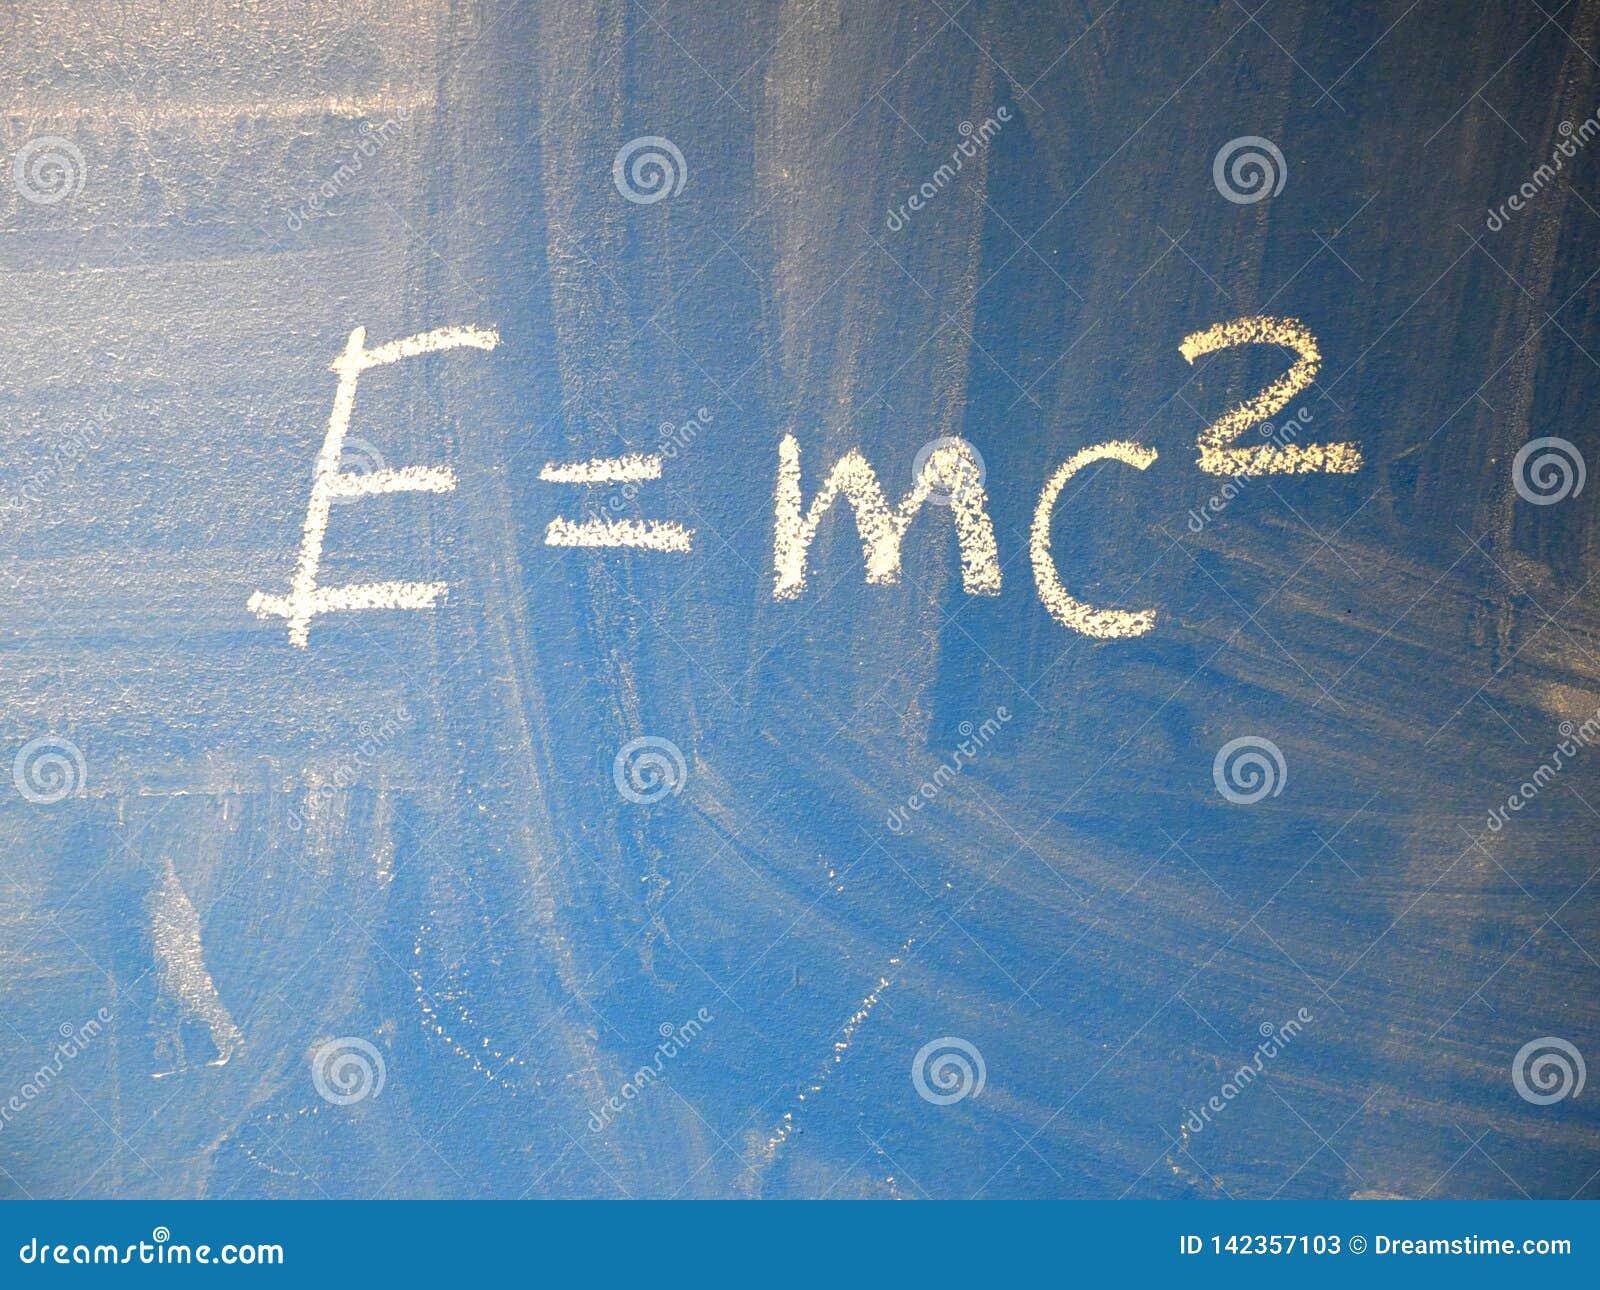 Математическая формула e=mc2 придала квадратную форму написанный на голубой, относительно грязной доске мелом